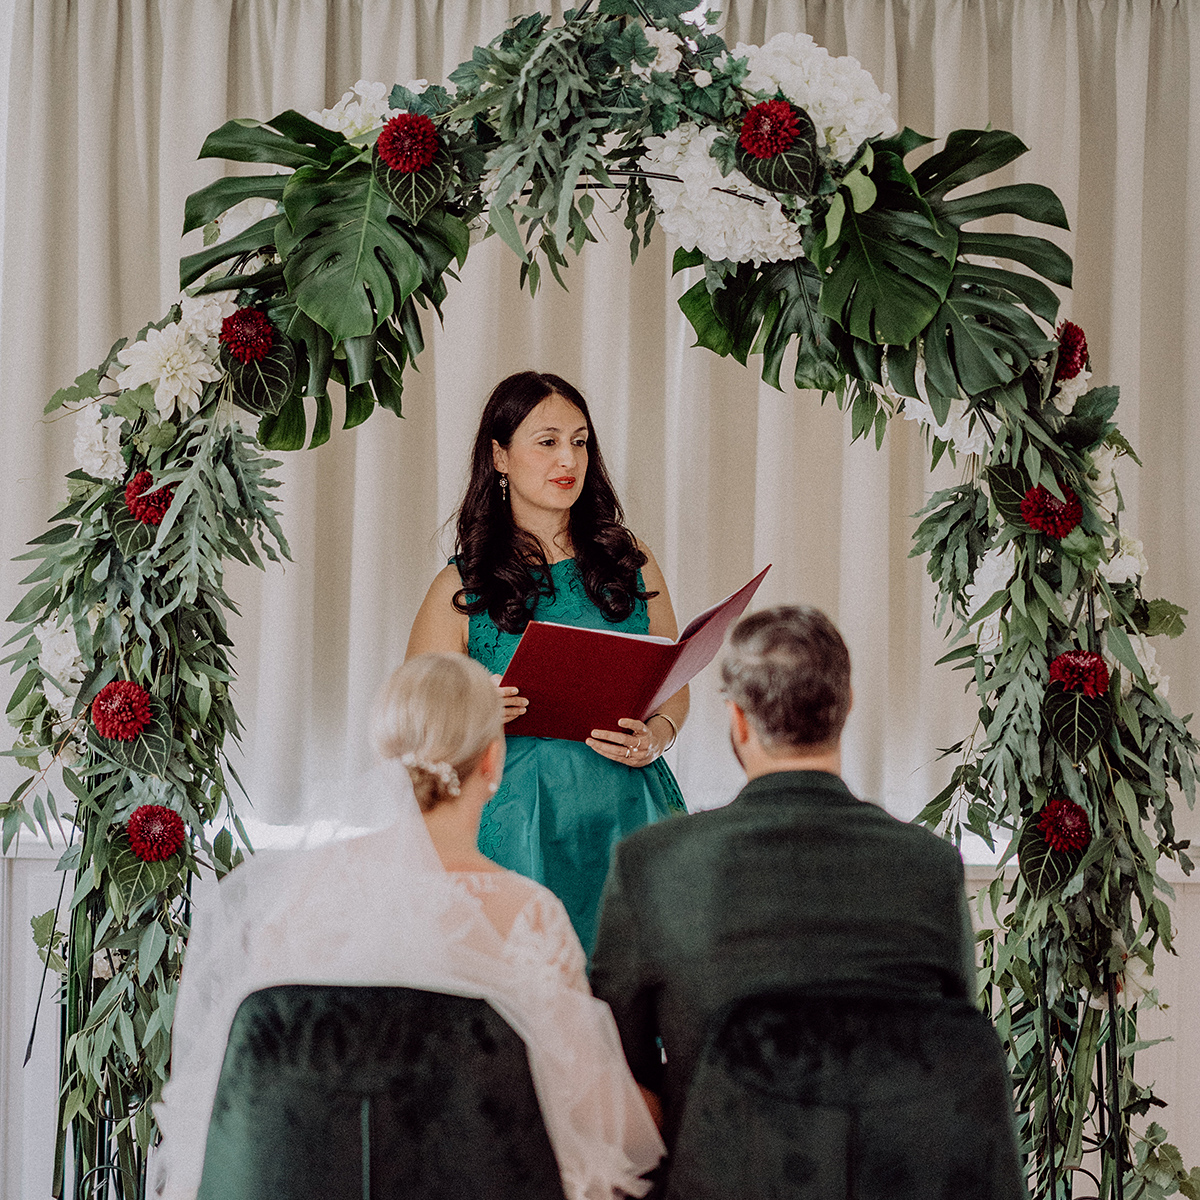 Hochzeitsfoto freie Trauung Traubogen Monstera Eukalyptus Dahlien weiß rot - vintage DIY Waldhochzeit in Berlin von Villa Schützenhof Hochzeitsfotografin © www.hochzeitslicht.de